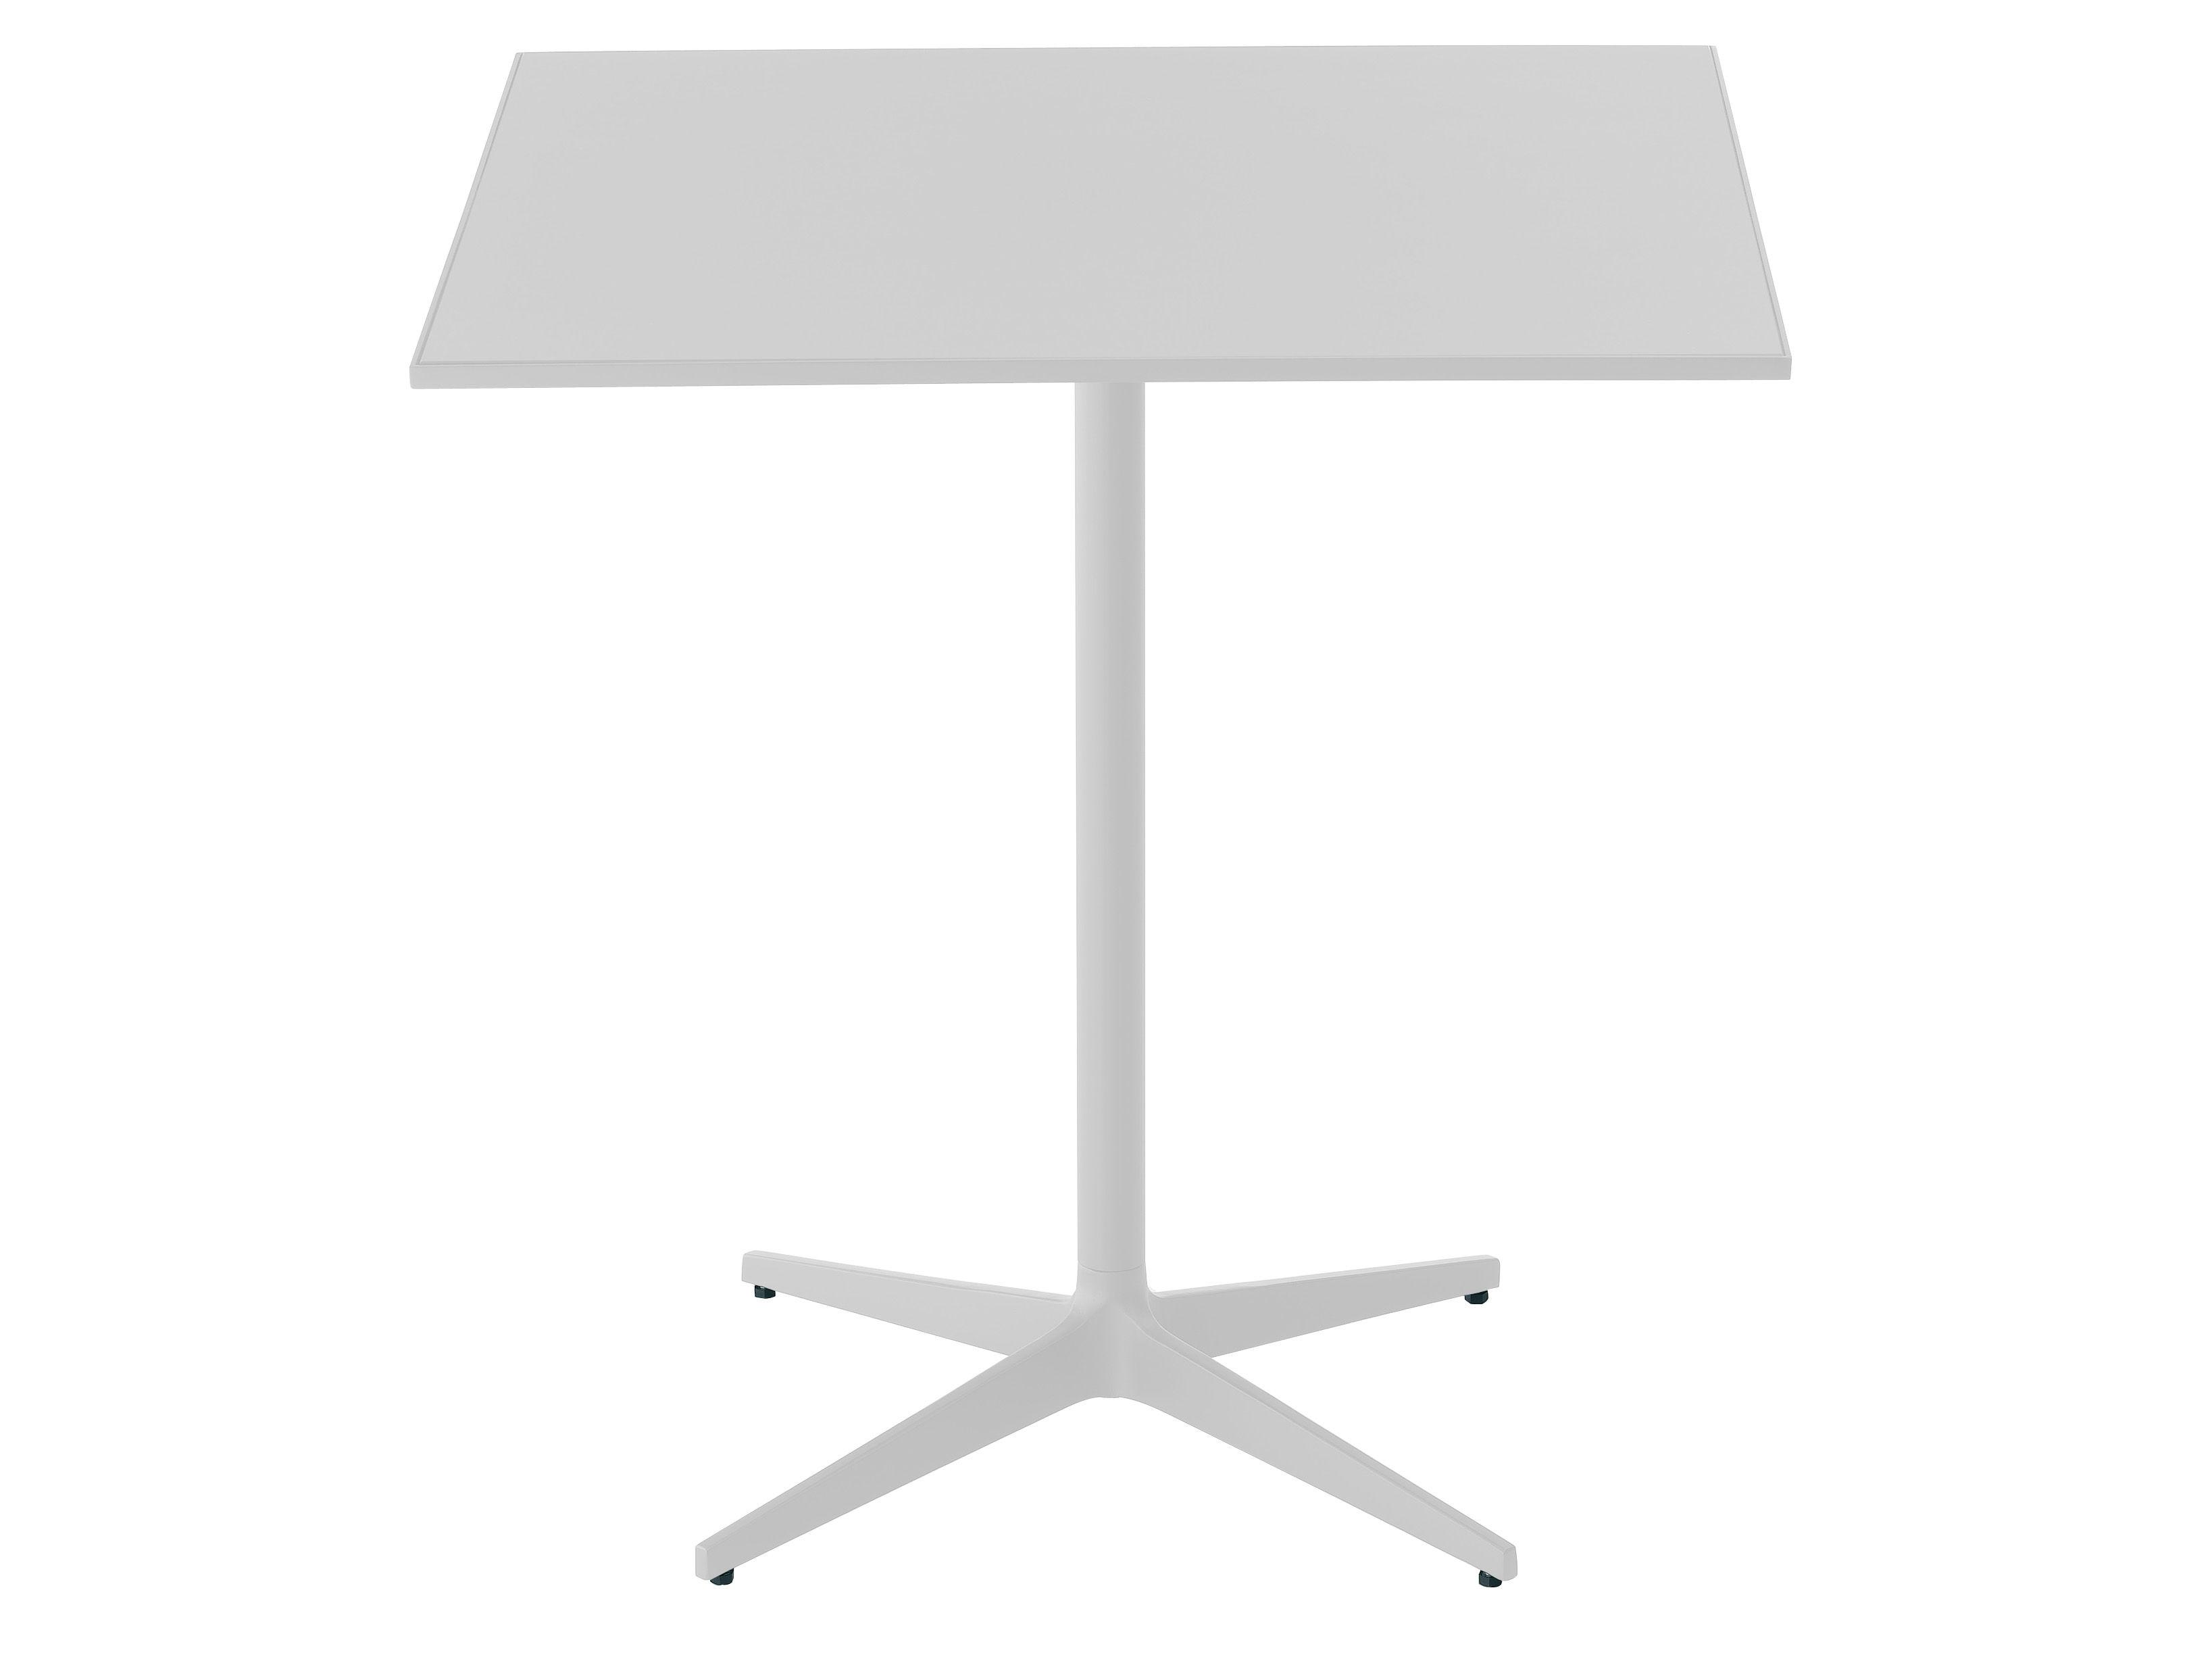 Mobilier - Tables - Table T / 70 x 70 cm - MDF Italia - Blanc - Acier laqué, Résine